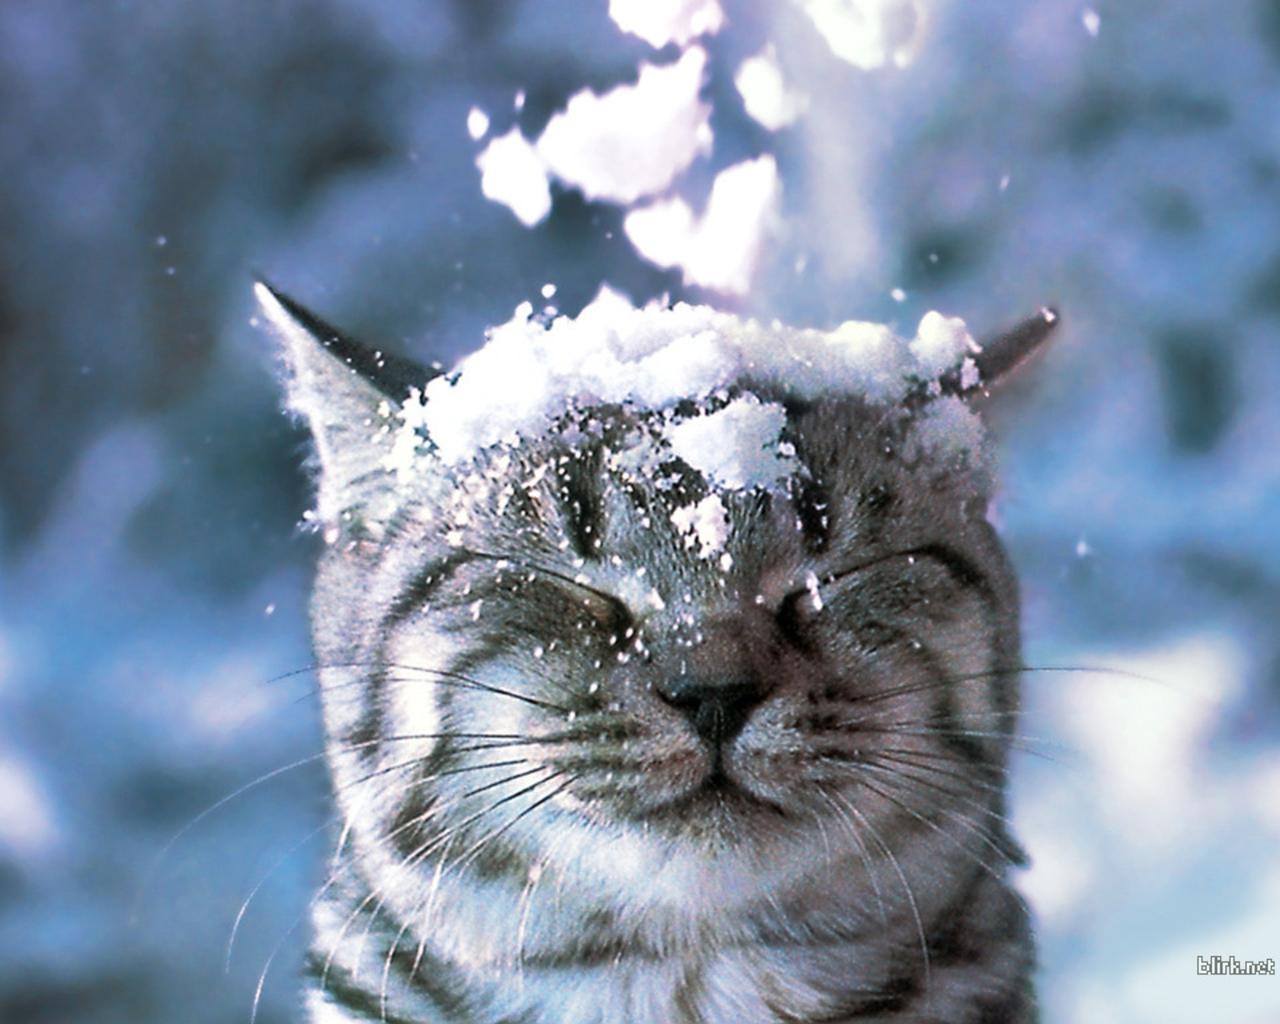 winter hintergrundbilder kostenlos - Winter Hintergrundbilder Wallpaper kostenlos Bilder Blog